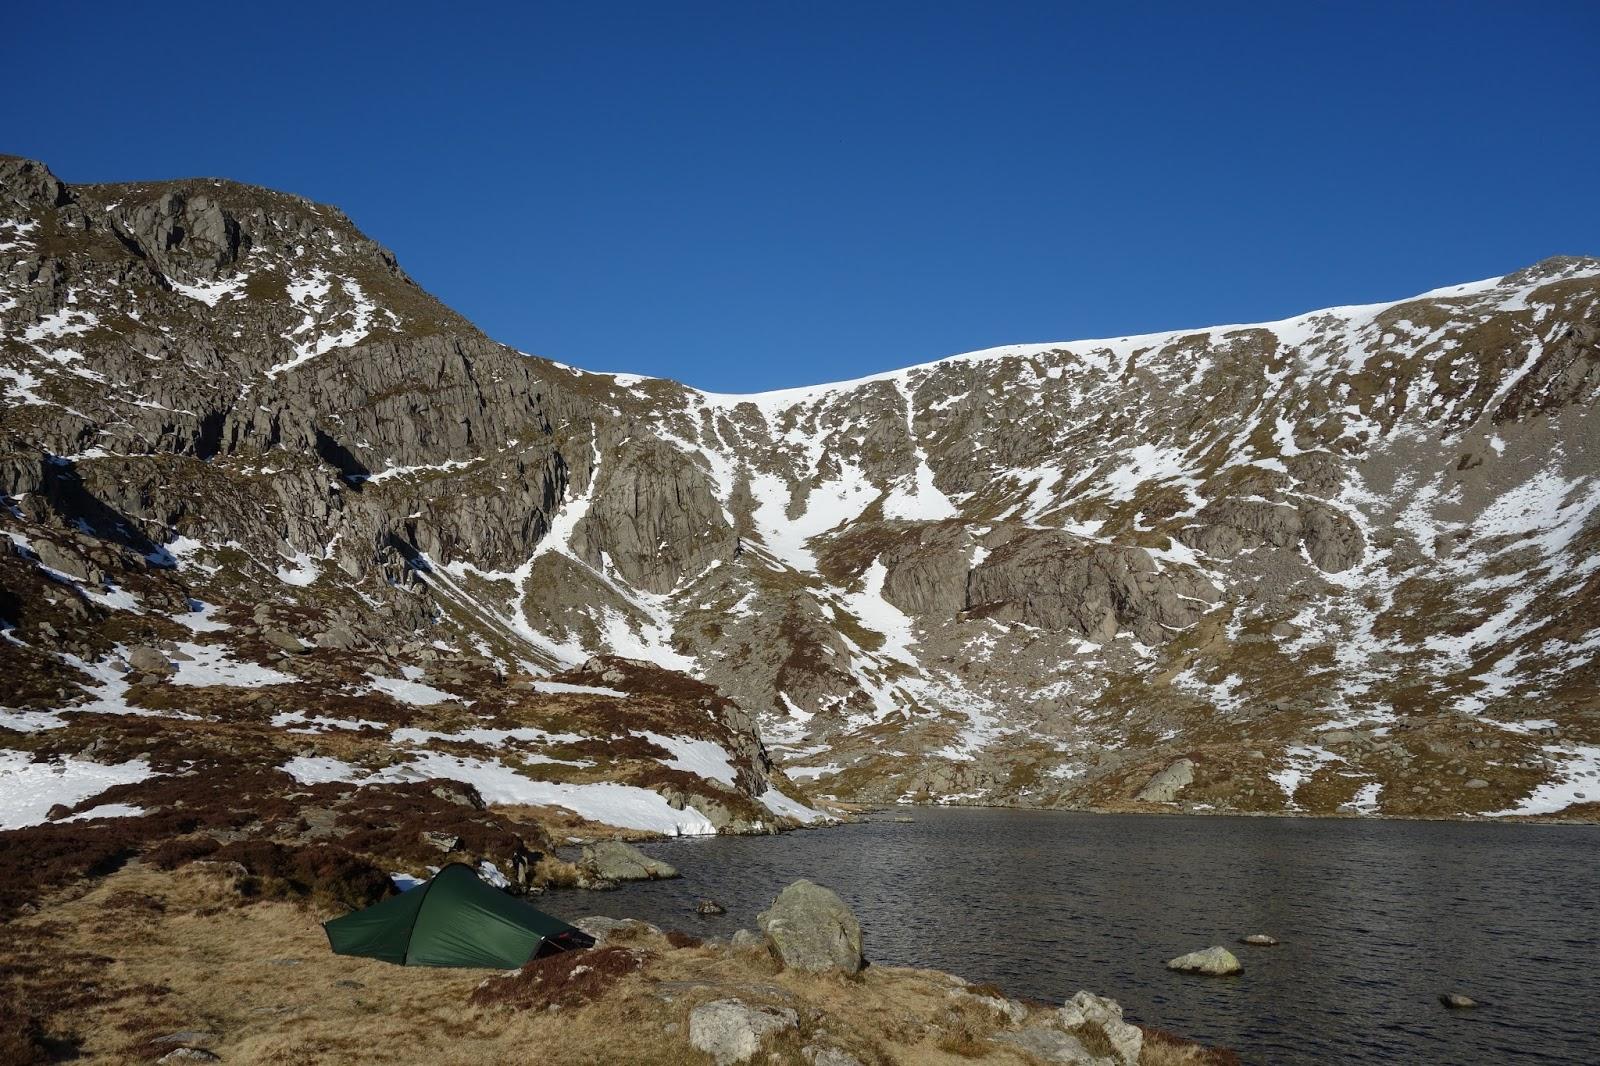 Wild camping Snowdonia Carneddau